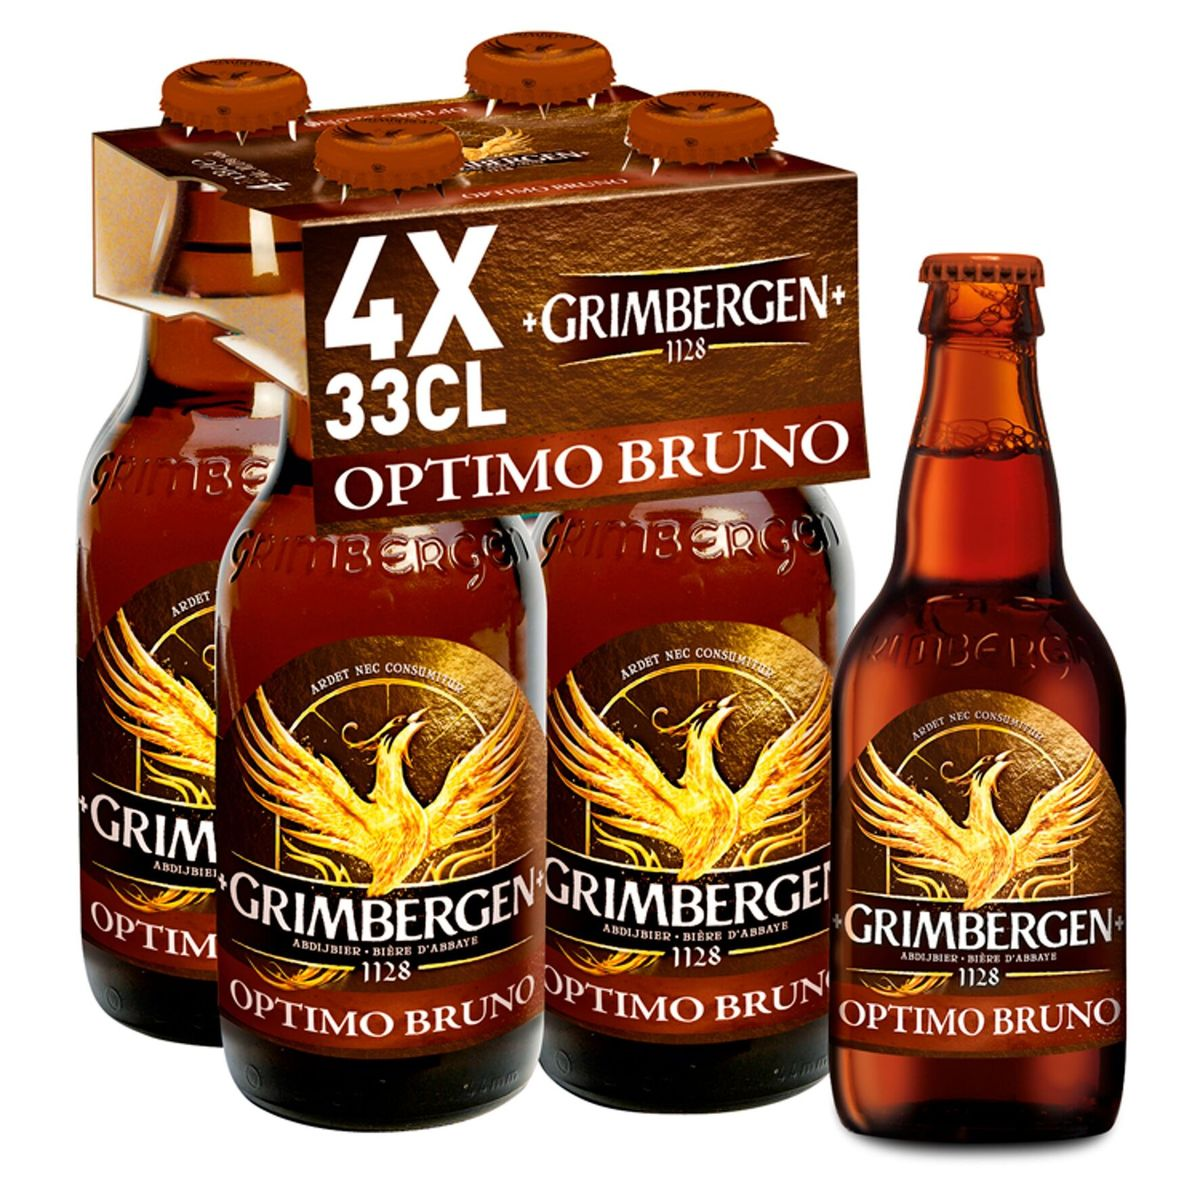 Grimbergen Abdijbier Optimo bruno 10% ALC 4x33cl Fles